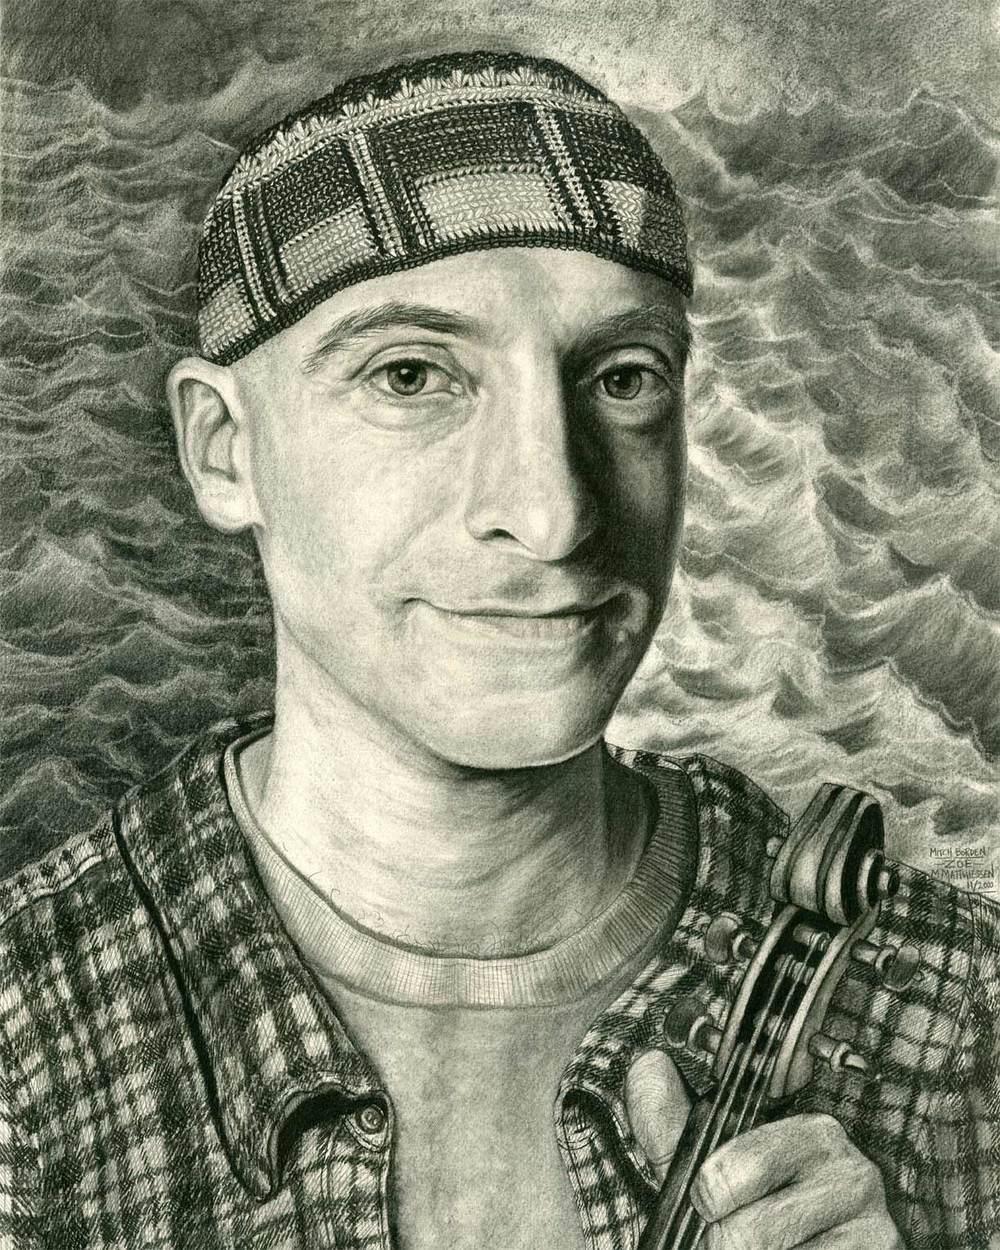 Mitch Borden